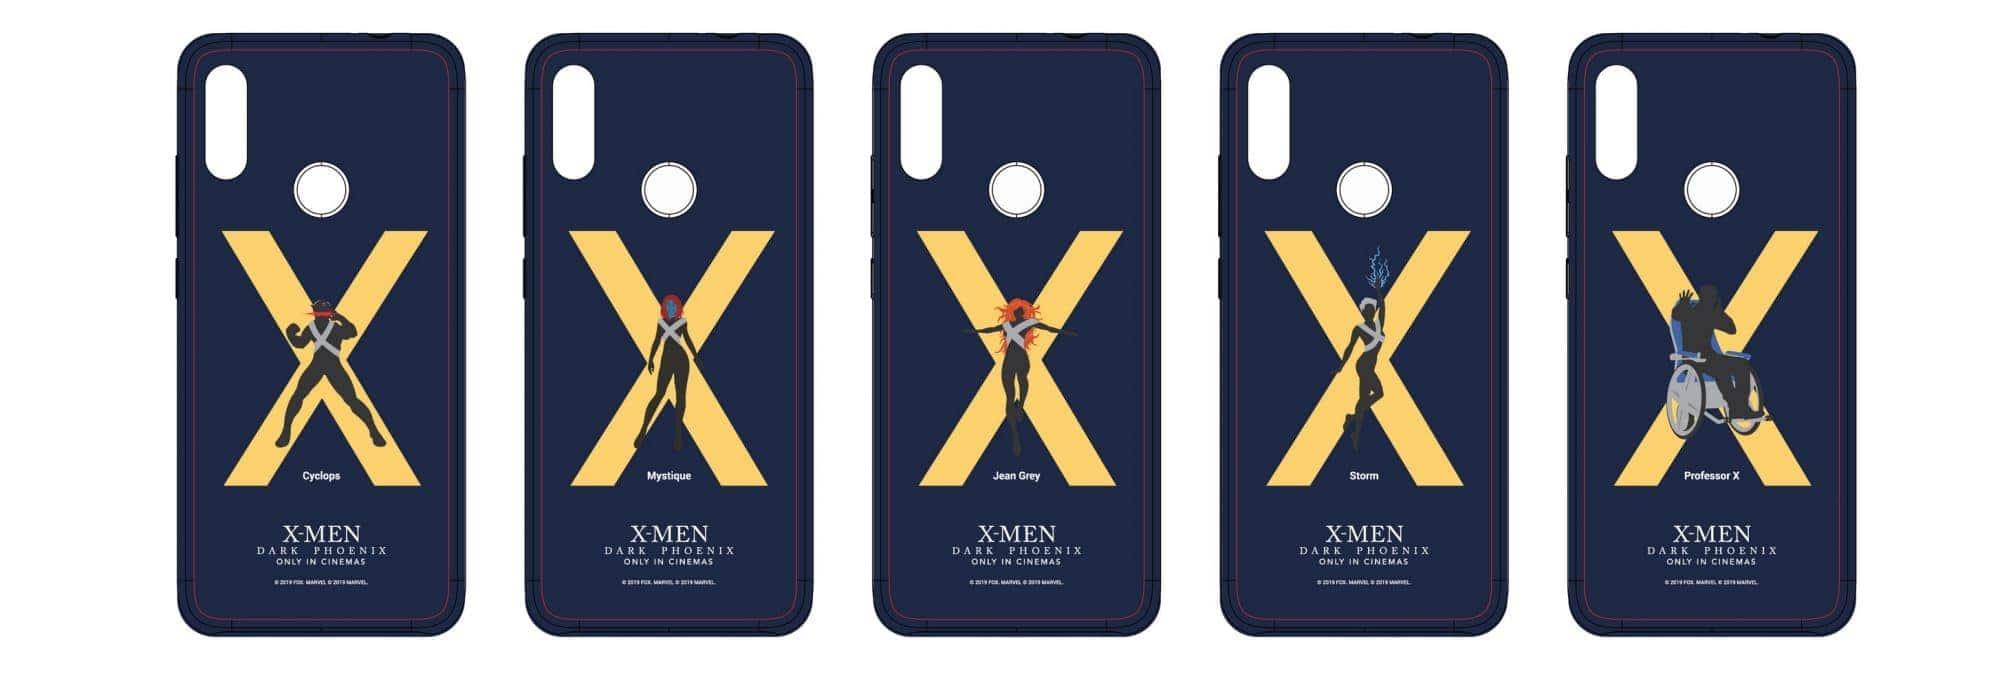 ซื้อ Redmi Note 7 วันนี้ รับฟรีของขวัญจากหนัง X-Men: Dark Phoenix 3